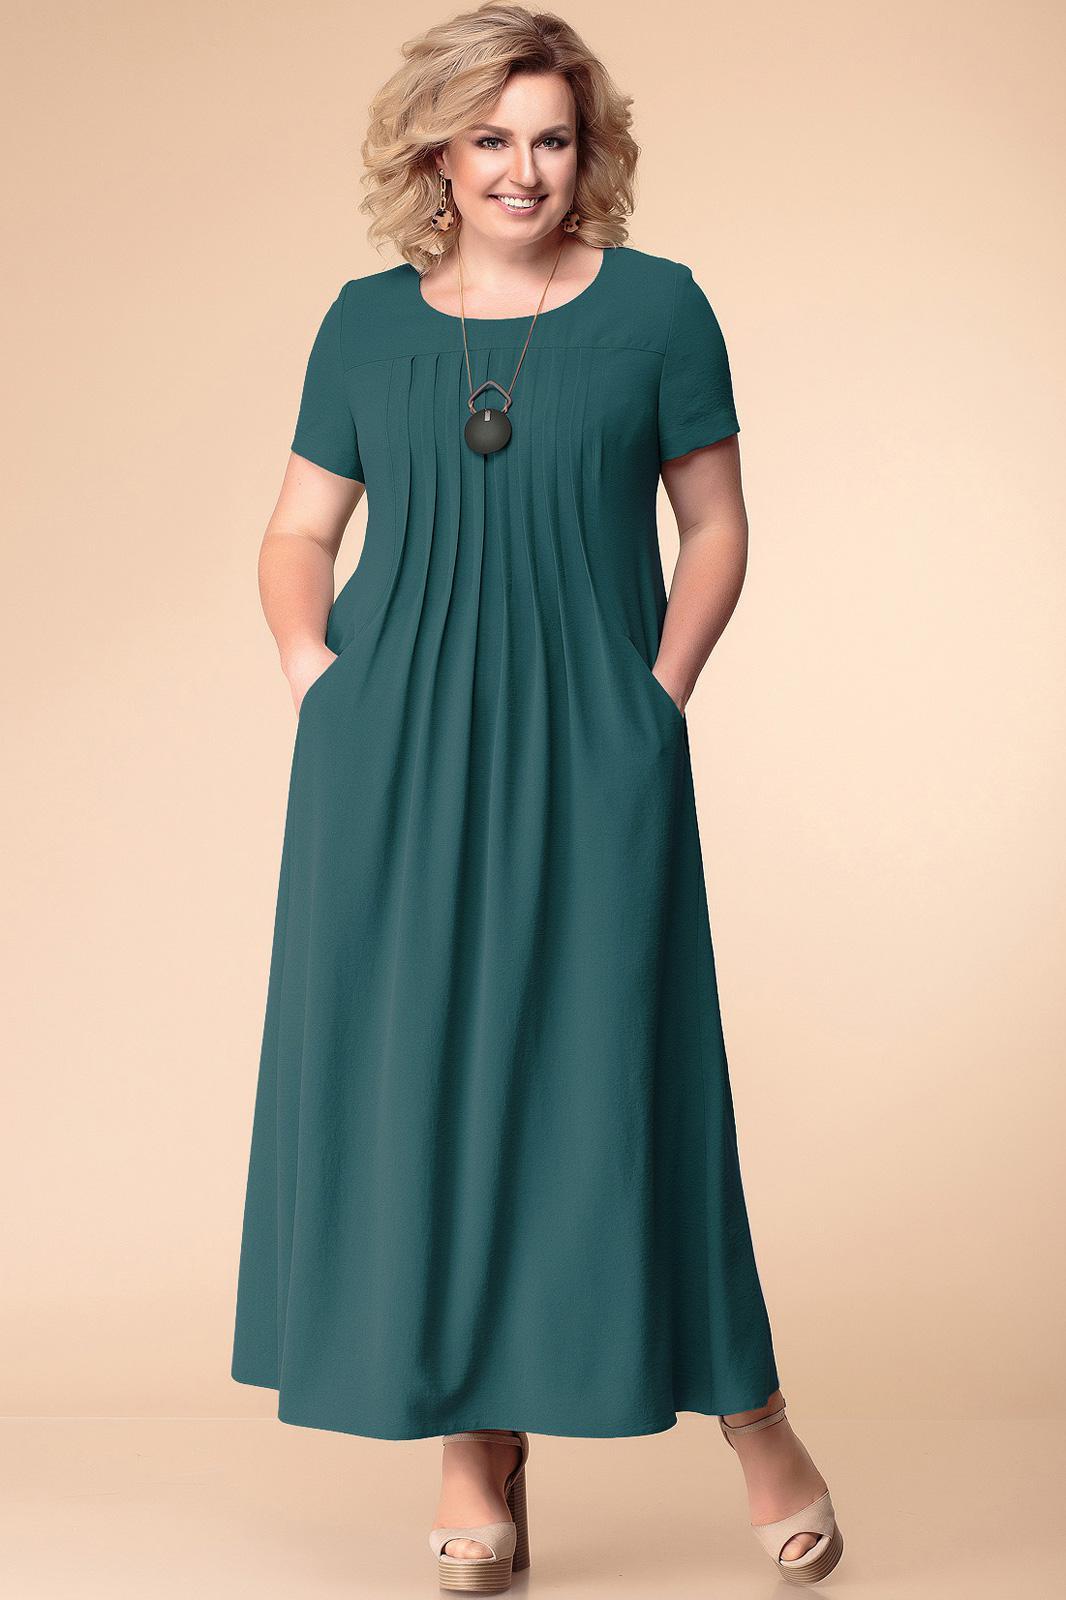 550f2f5d1 Купить нарядное платье большого размера. Нарядные платья для полных